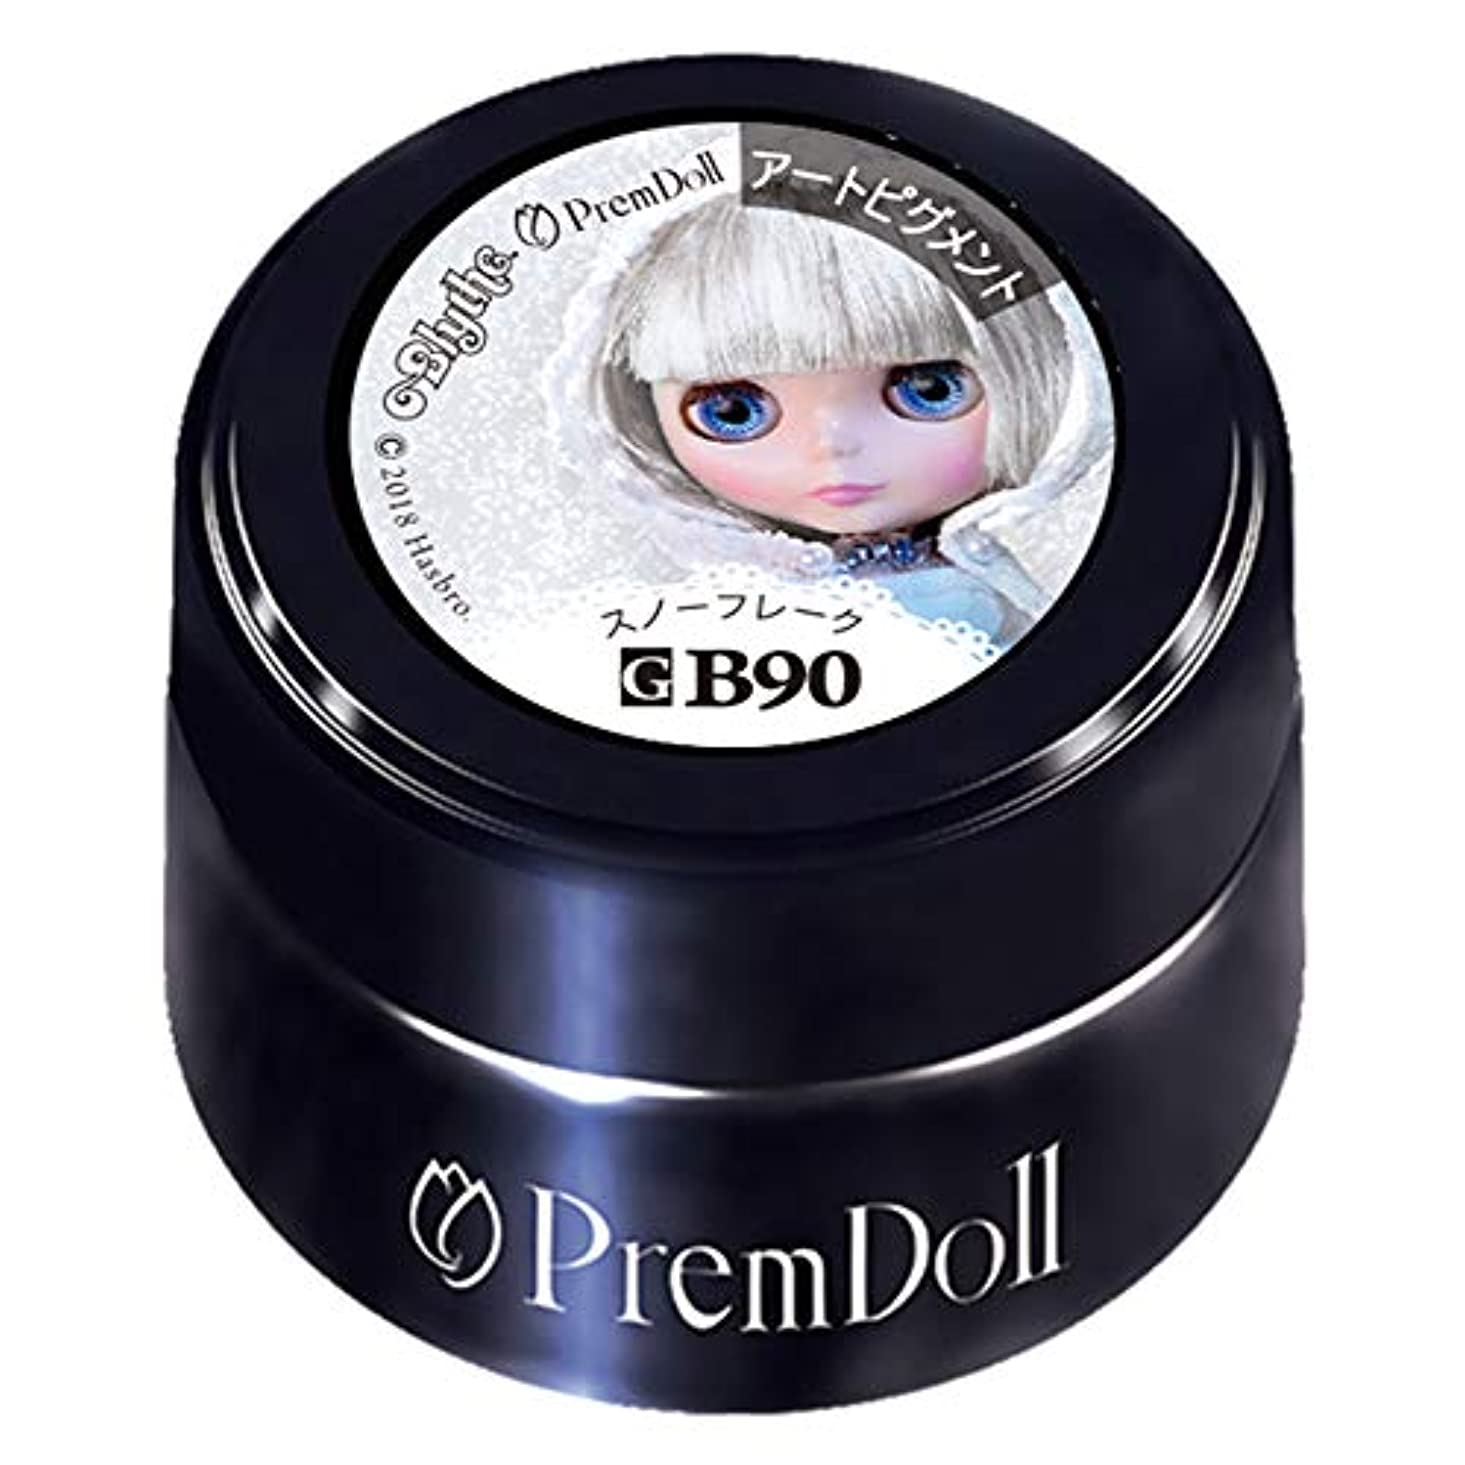 細心の雑多な浪費PRE GEL プリムドール スノーフレーク90 DOLL-B90 3g カラージェル UV/LED対応